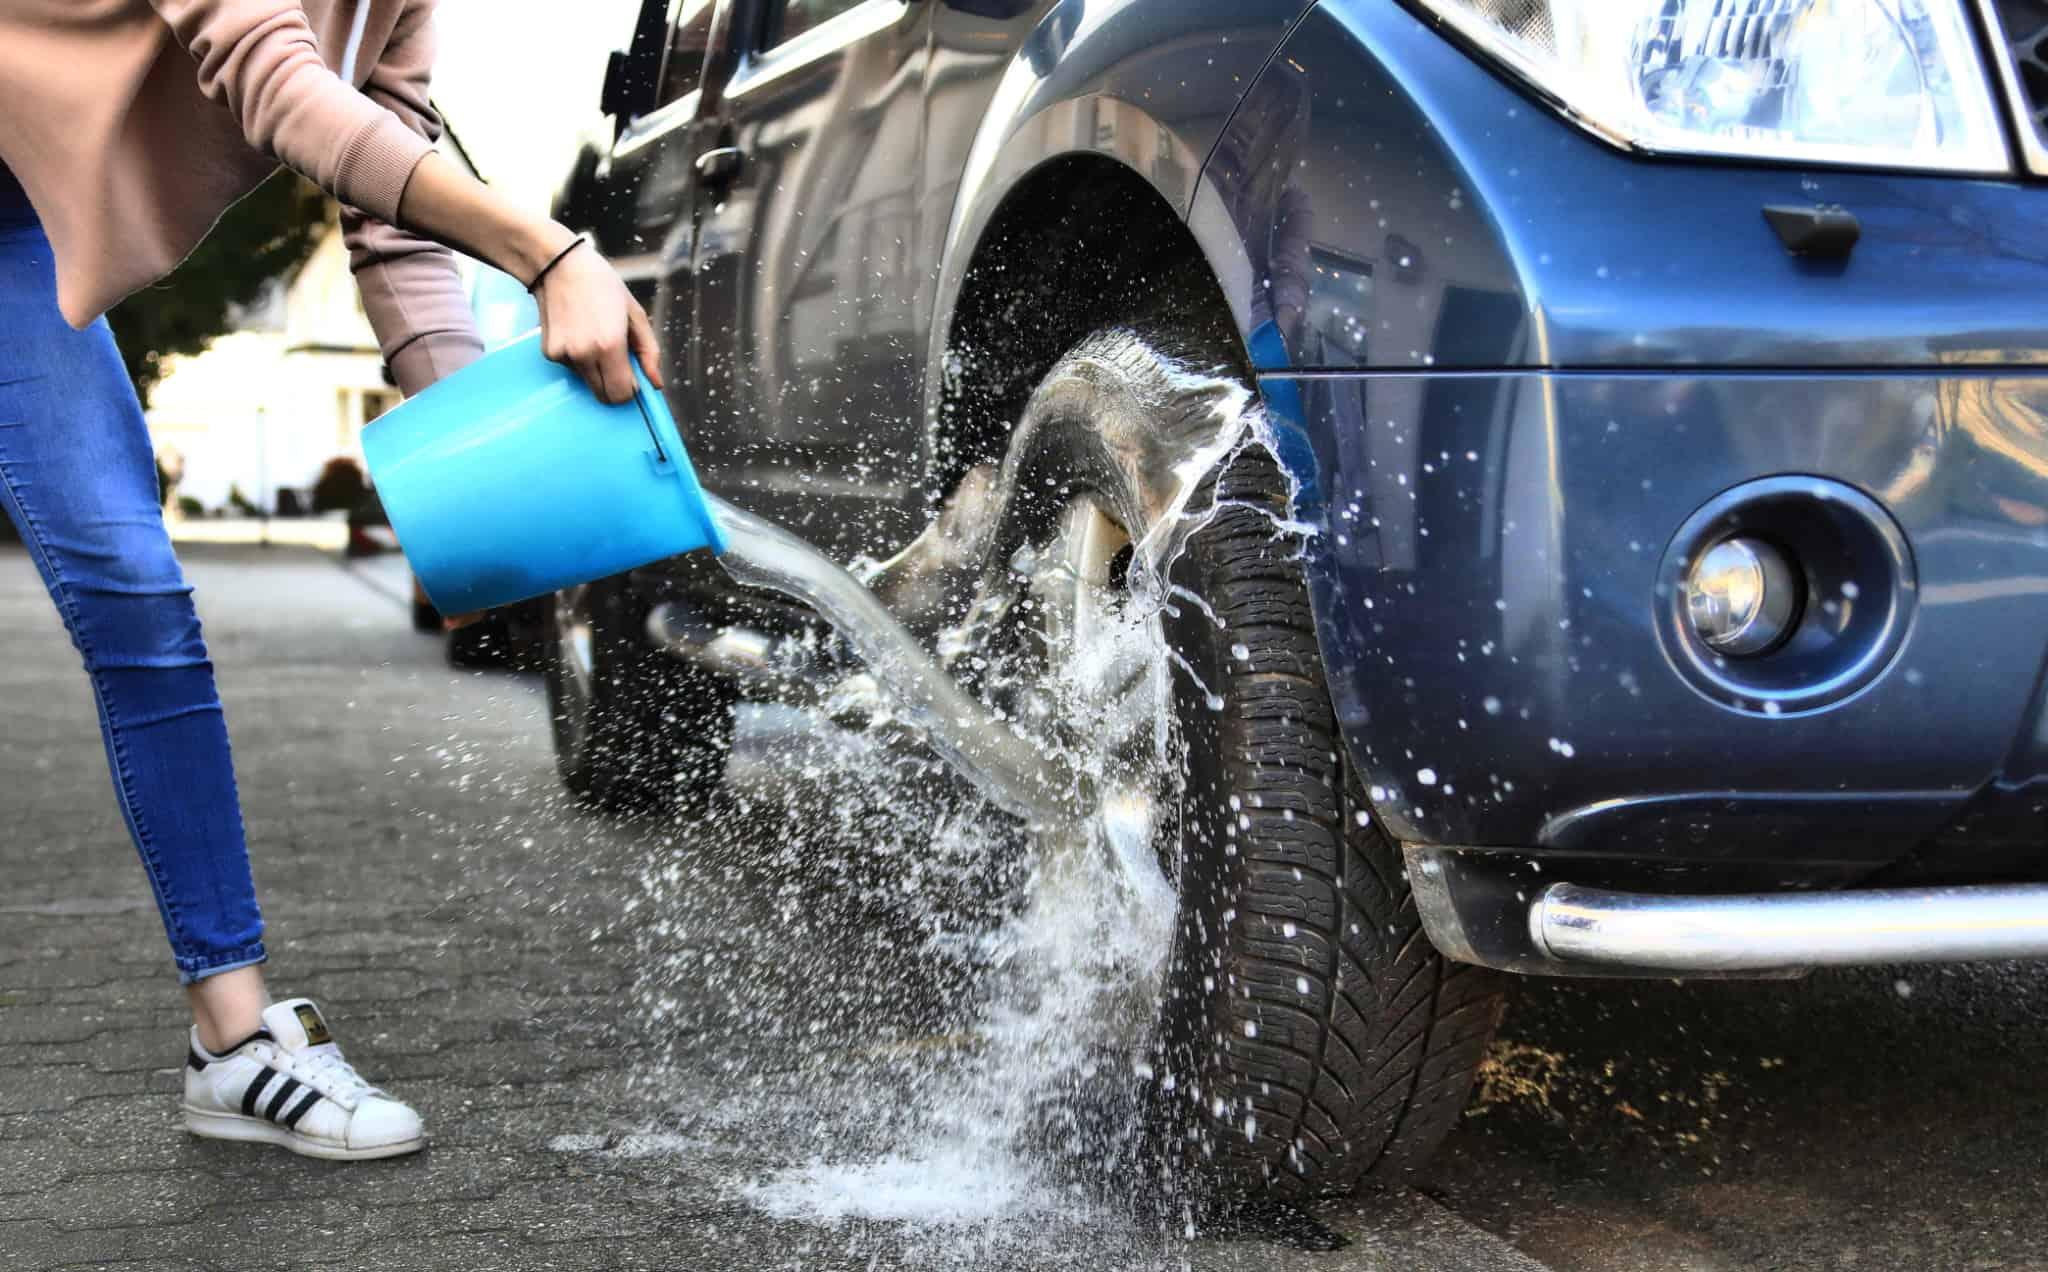 pessoa a atirar um balde de água para o pneu de um carro